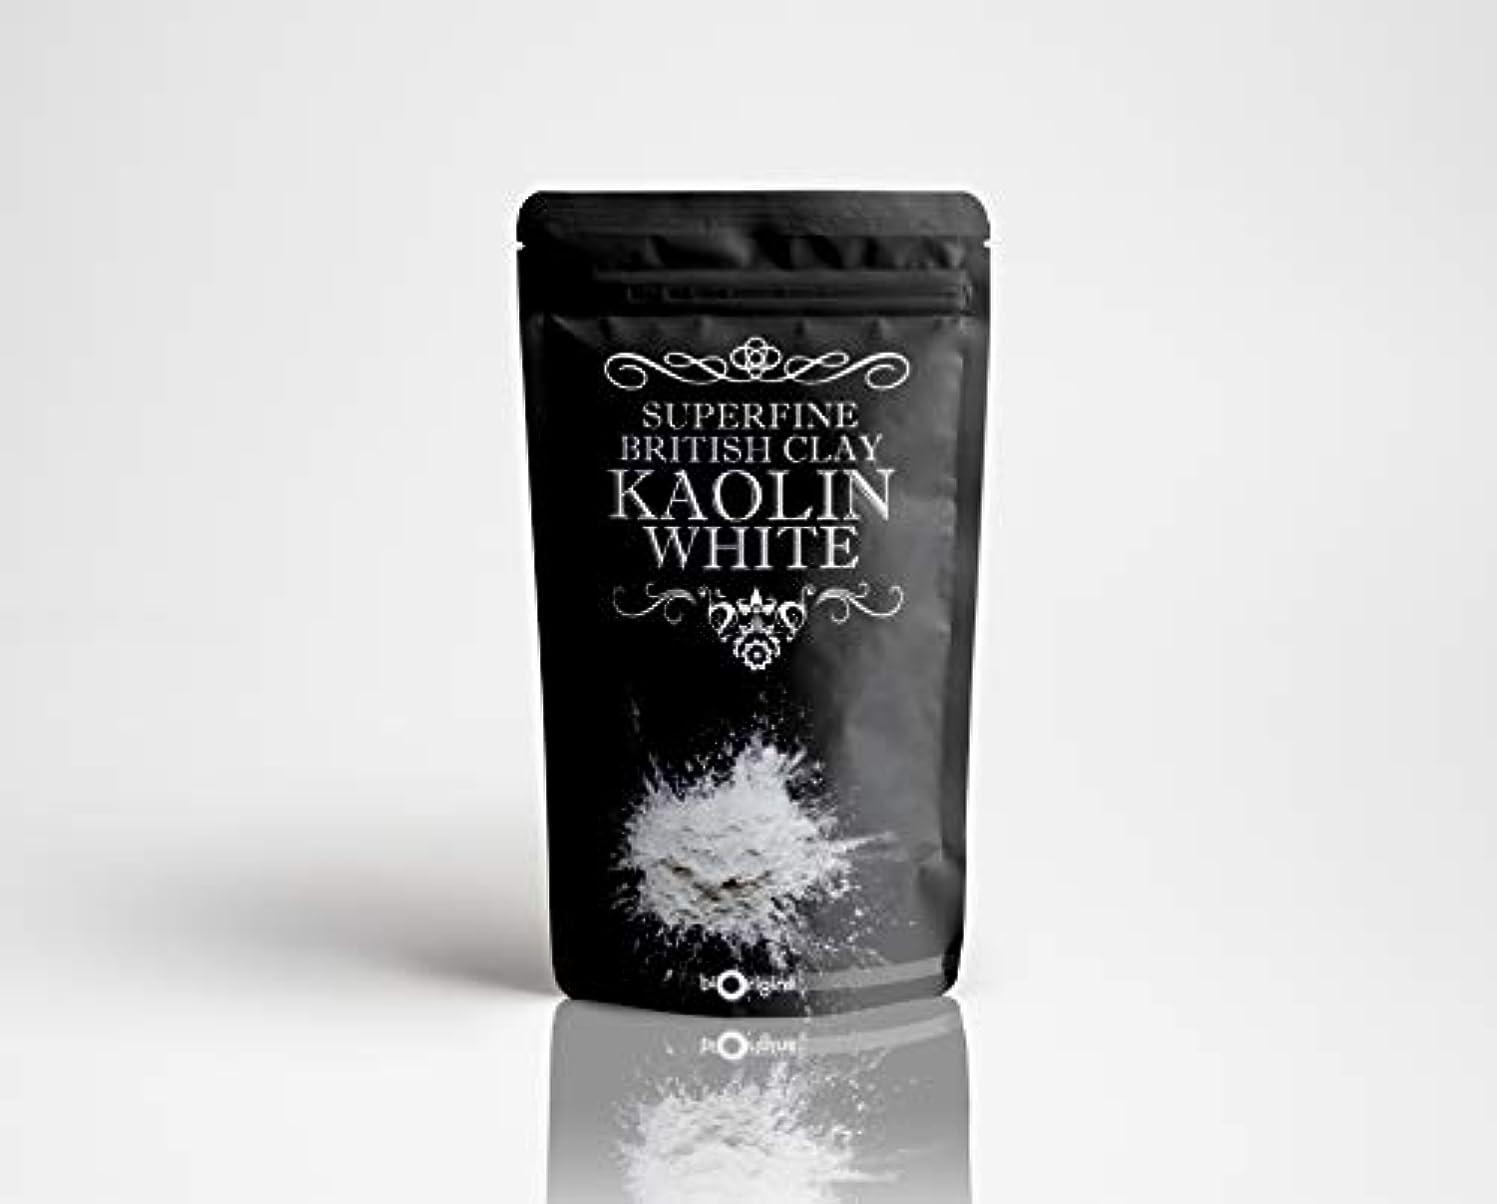 招待バレエスラムKaolin White Superfine British Clay - 100g